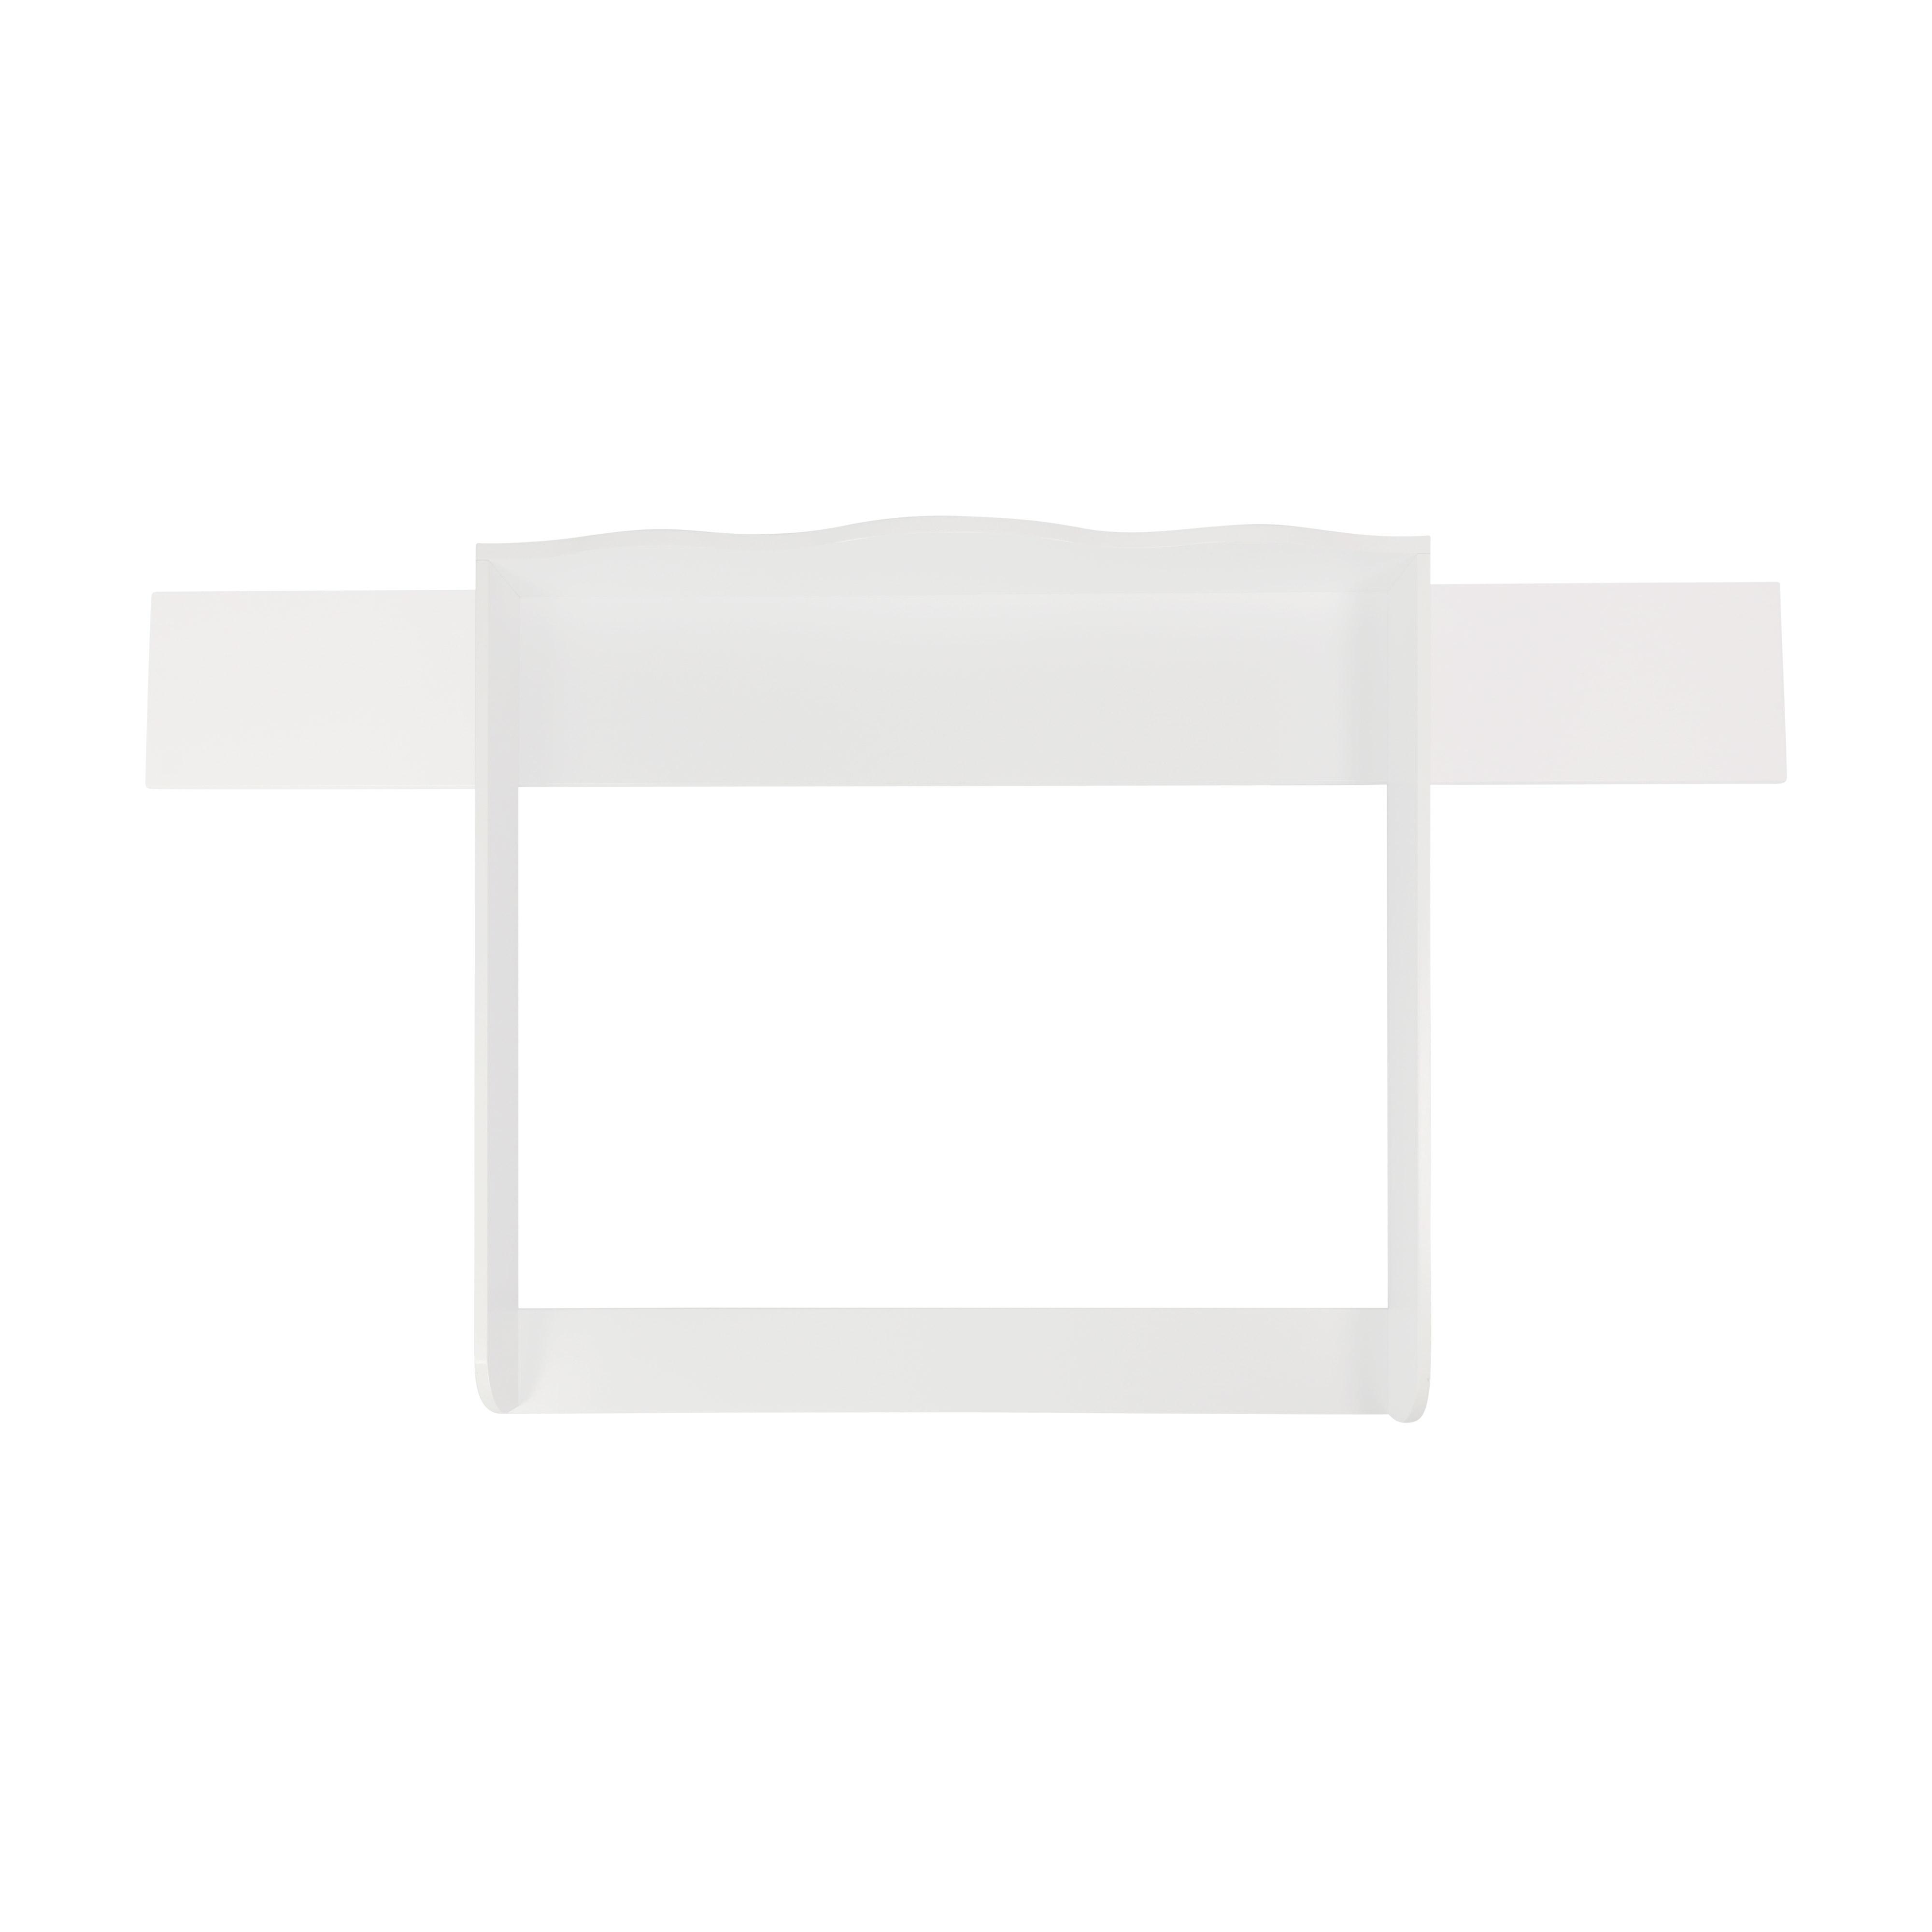 Wickelaufsatz Emil mit 159,5 cm Blende, weiß, für IKEA Hemnes